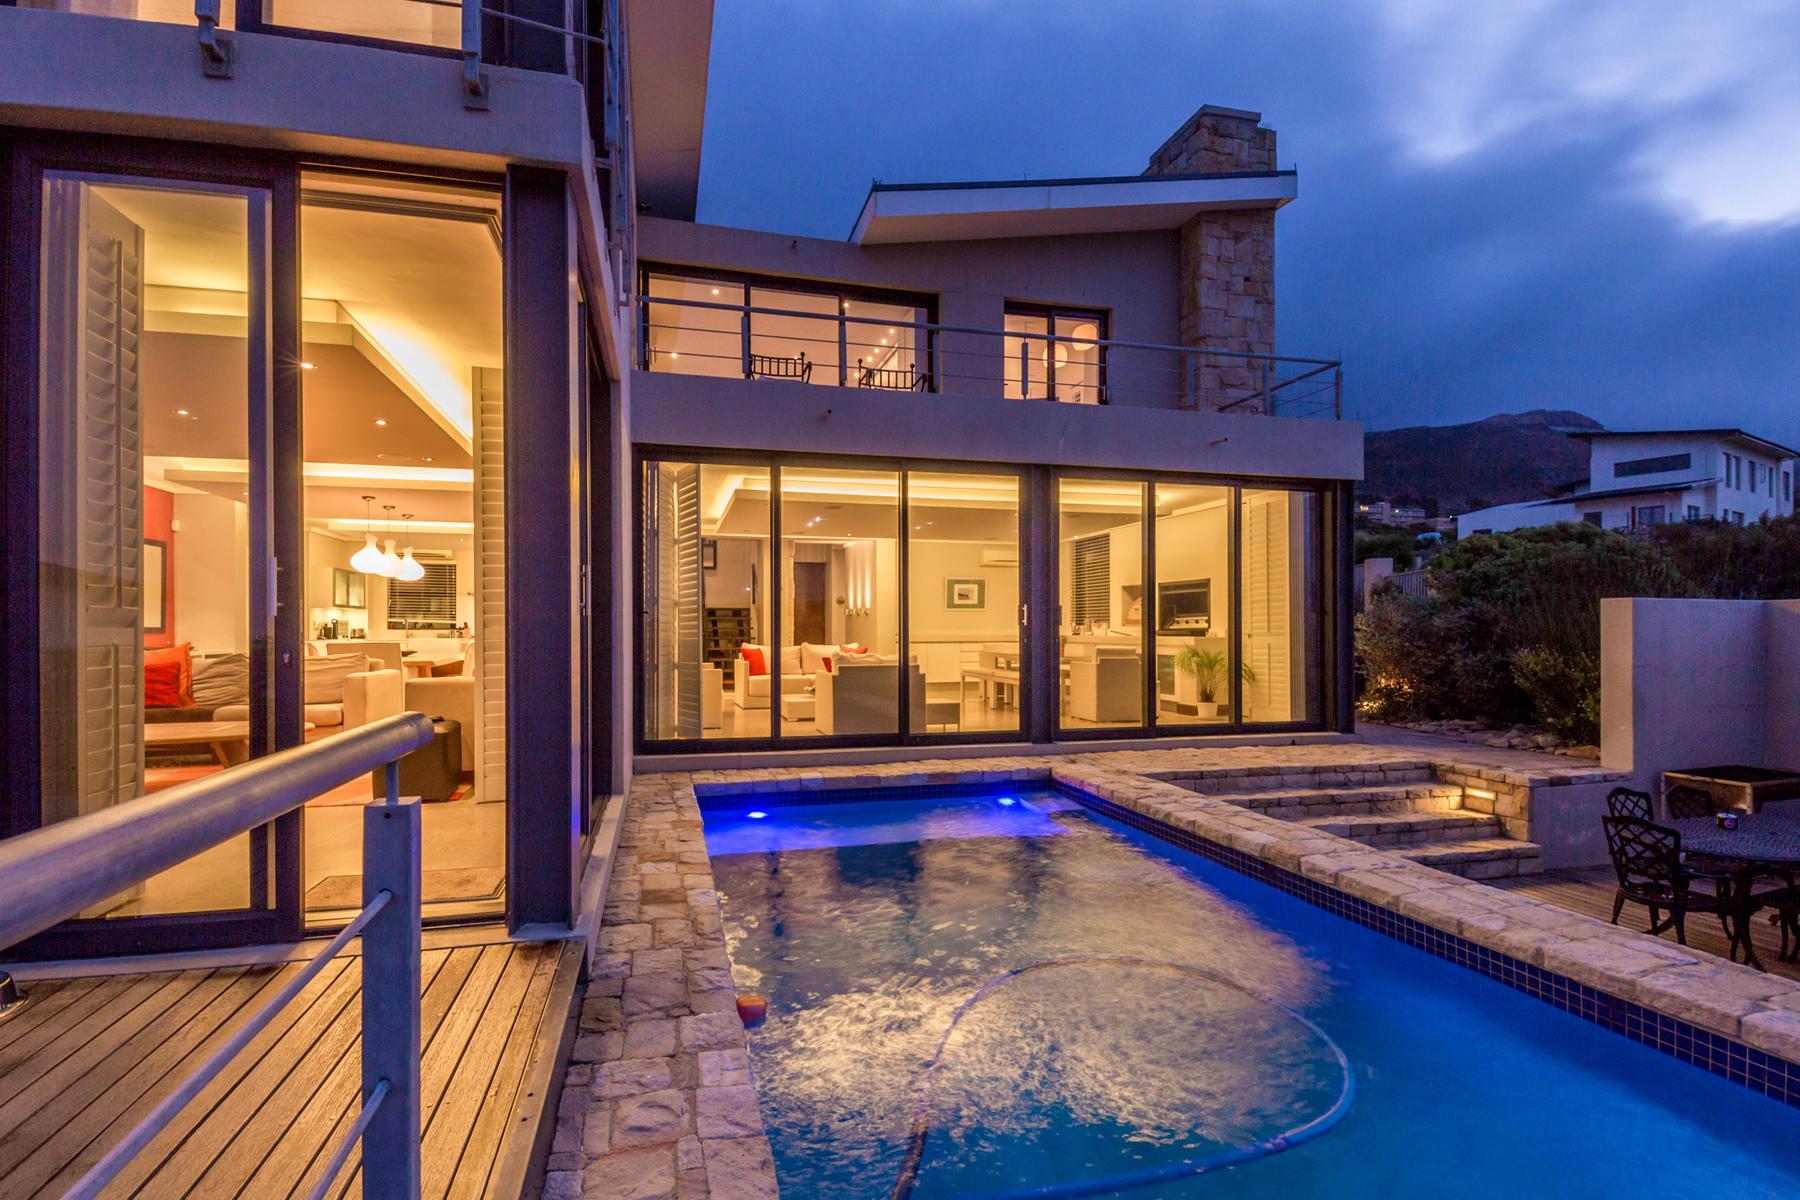 独户住宅 为 销售 在 Piketberg Way 开普敦, 西开普省, 7945 南非